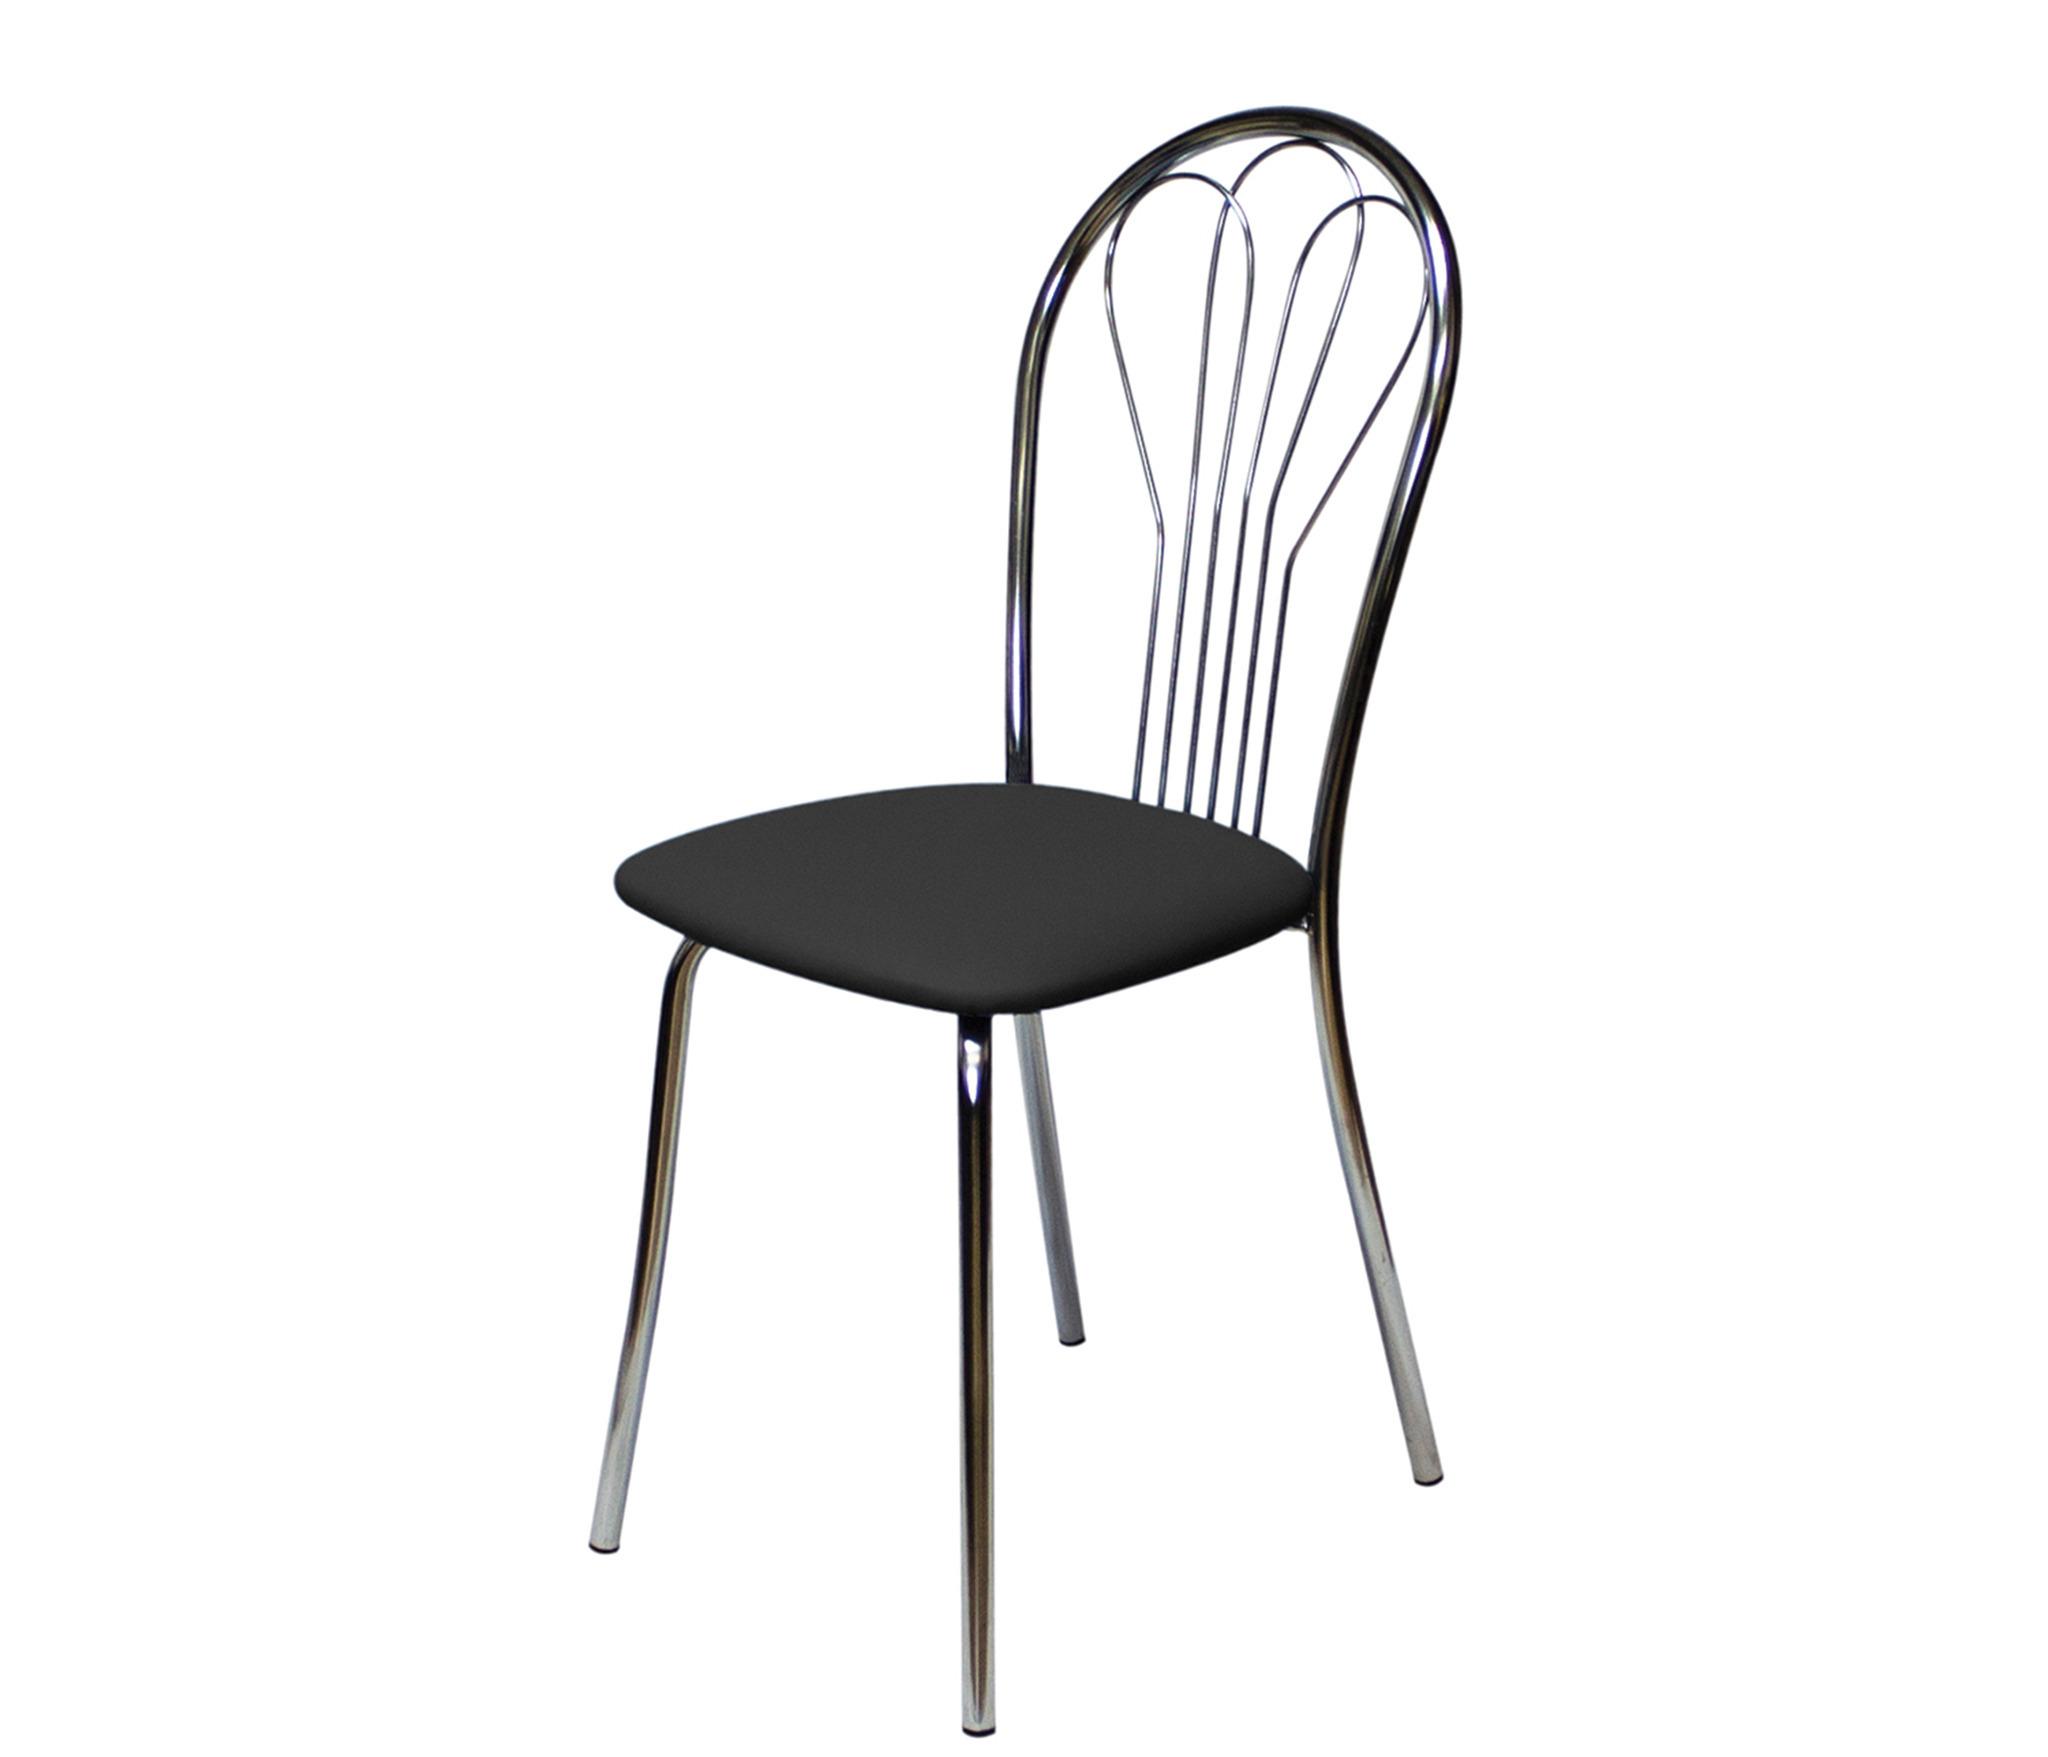 Стул Версаль хром/черныйОбеденные группы<br>Материал корпуса: Металл&#13;Материал сидения: Искусственная кожа&#13;]]&gt;<br><br>Длина мм: 360<br>Высота мм: 865<br>Глубина мм: 510